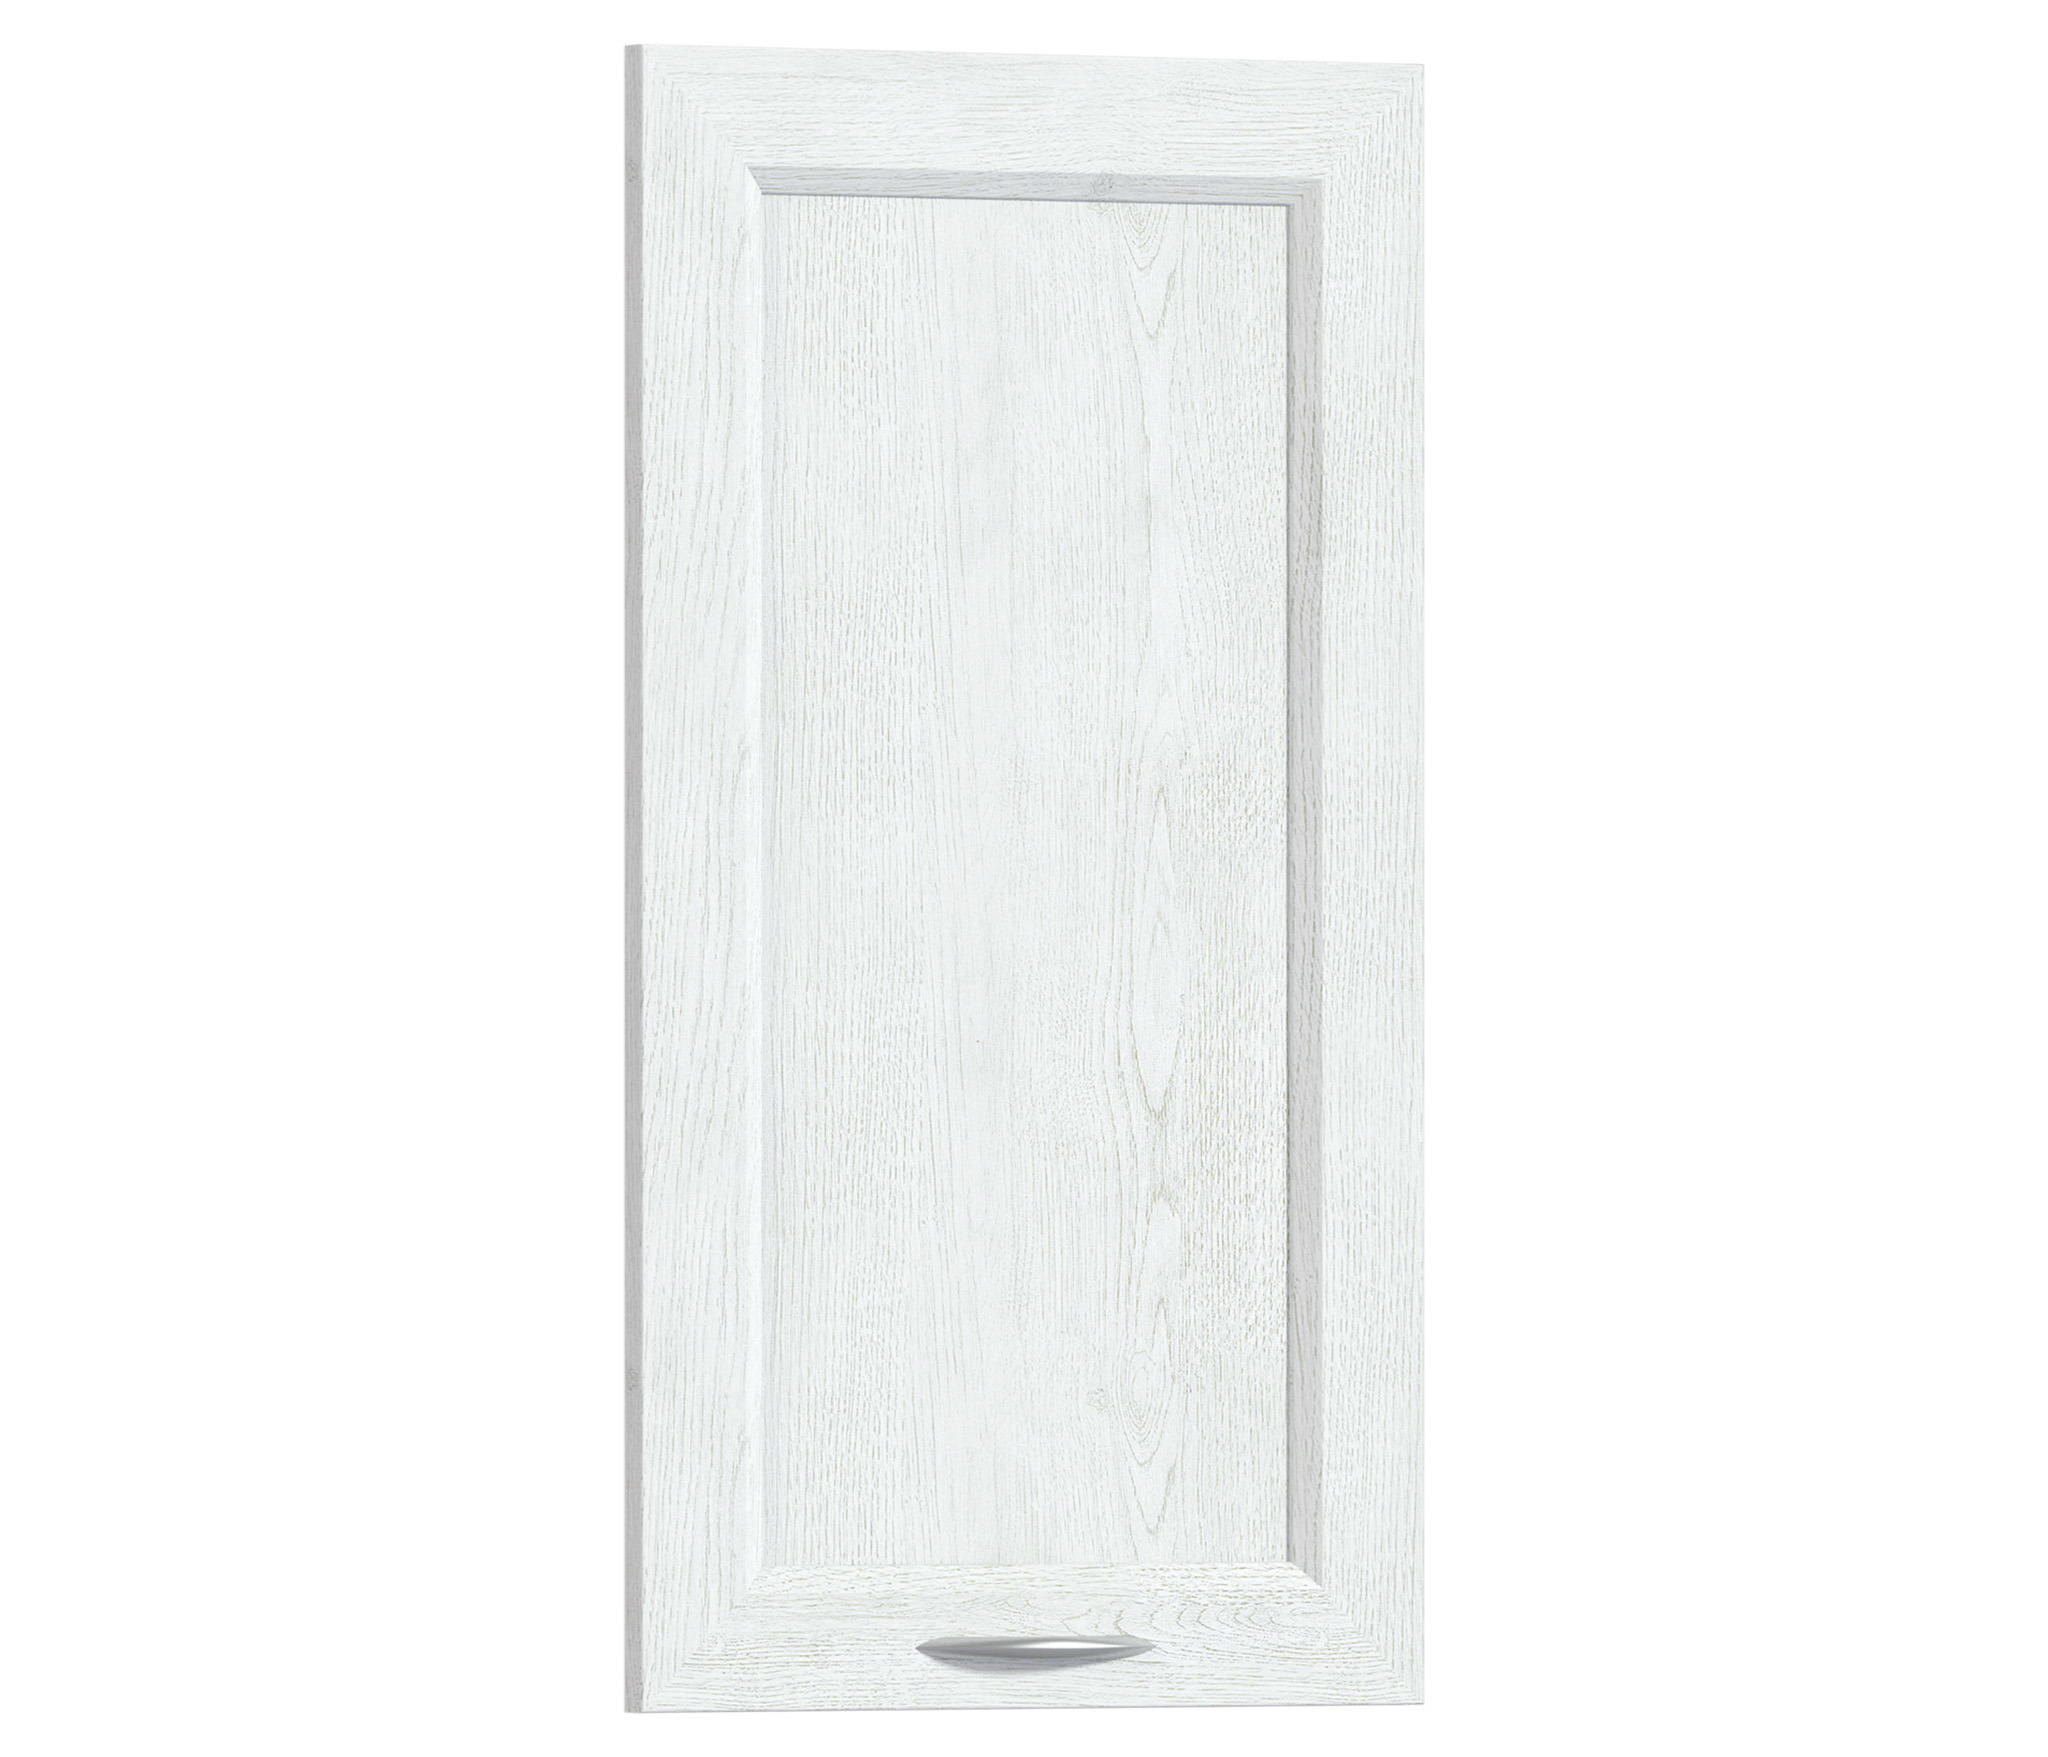 Фасад Регина Ф-150 к корпусу РП-150Мебель для кухни<br>Качественная дверца для подвесного шкафа.<br><br>Длина мм: 496<br>Высота мм: 920<br>Глубина мм: 22